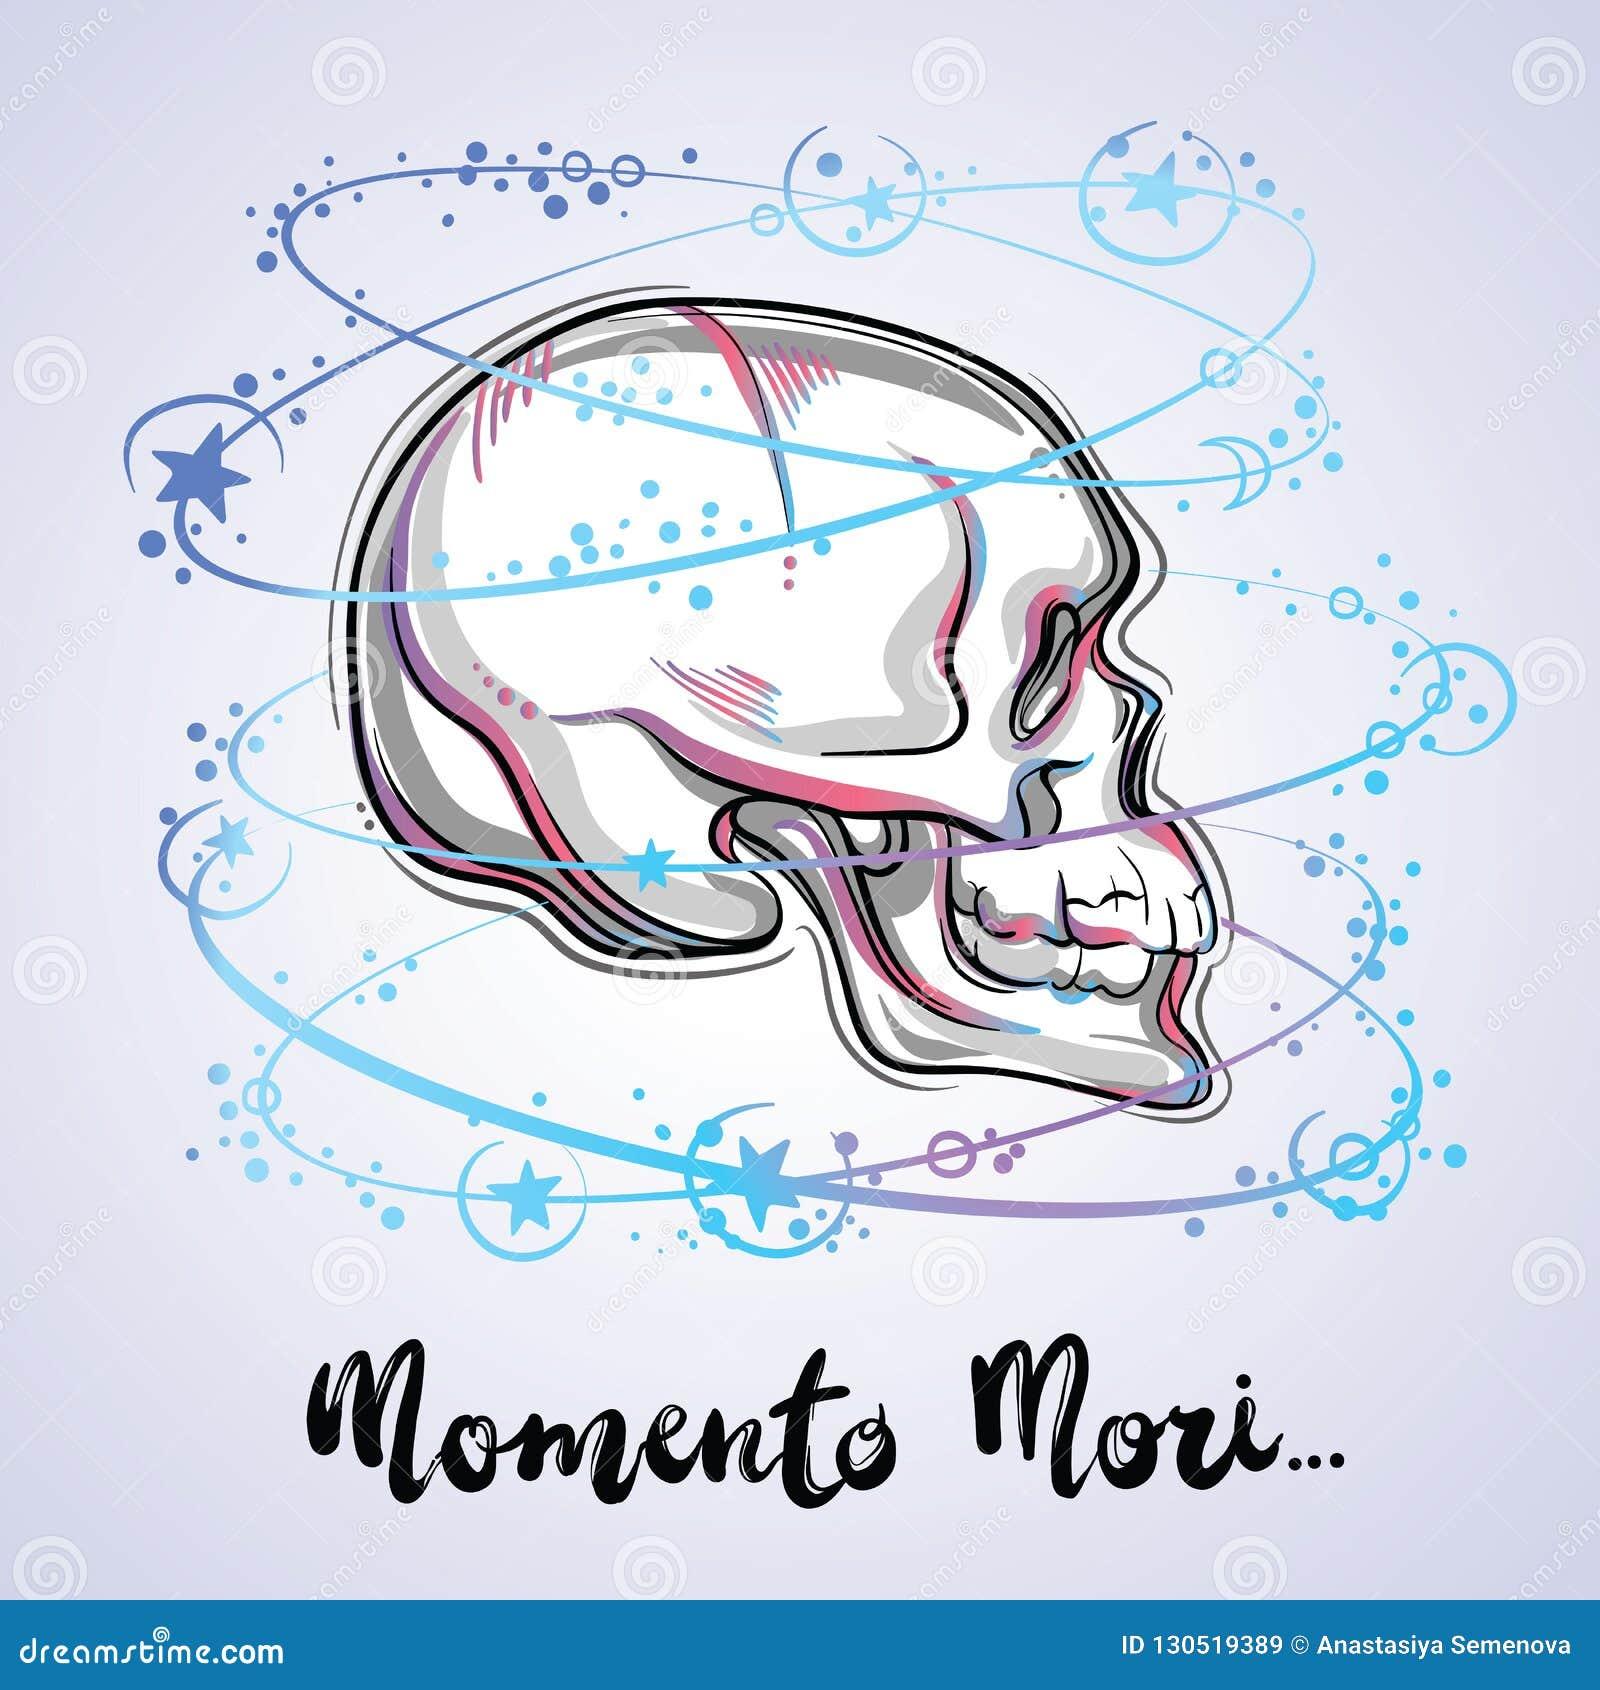 一块人的头骨的时髦传染媒介例证-神圣的生活和痛苦的事实的标志 葡萄酒纹身花刺设计和神秘的标志